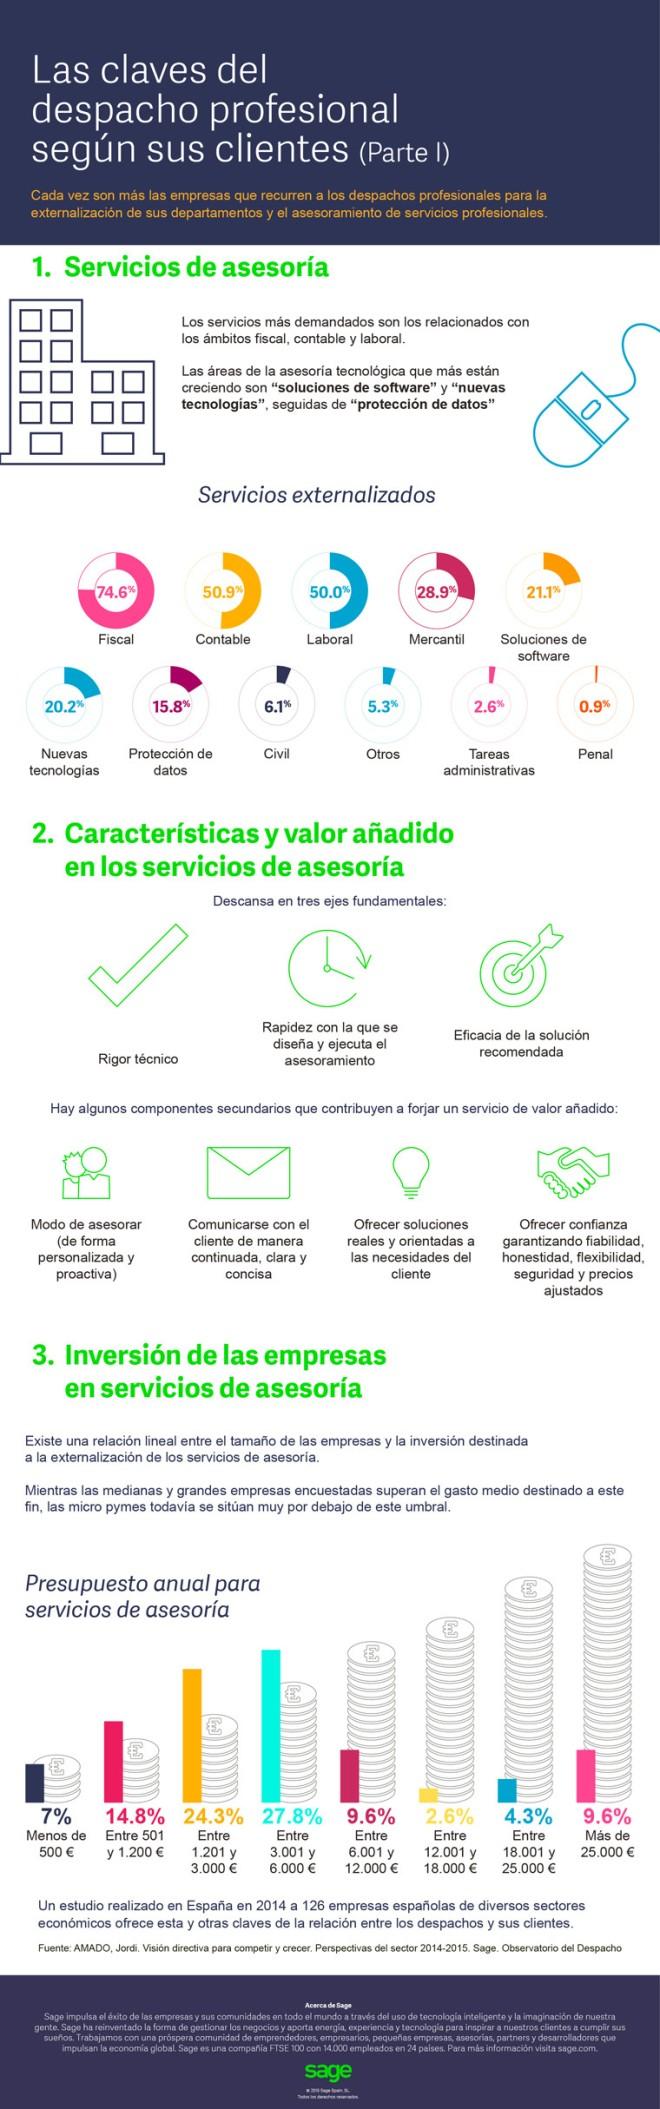 Las claves del despacho profesional según sus clientes (I)